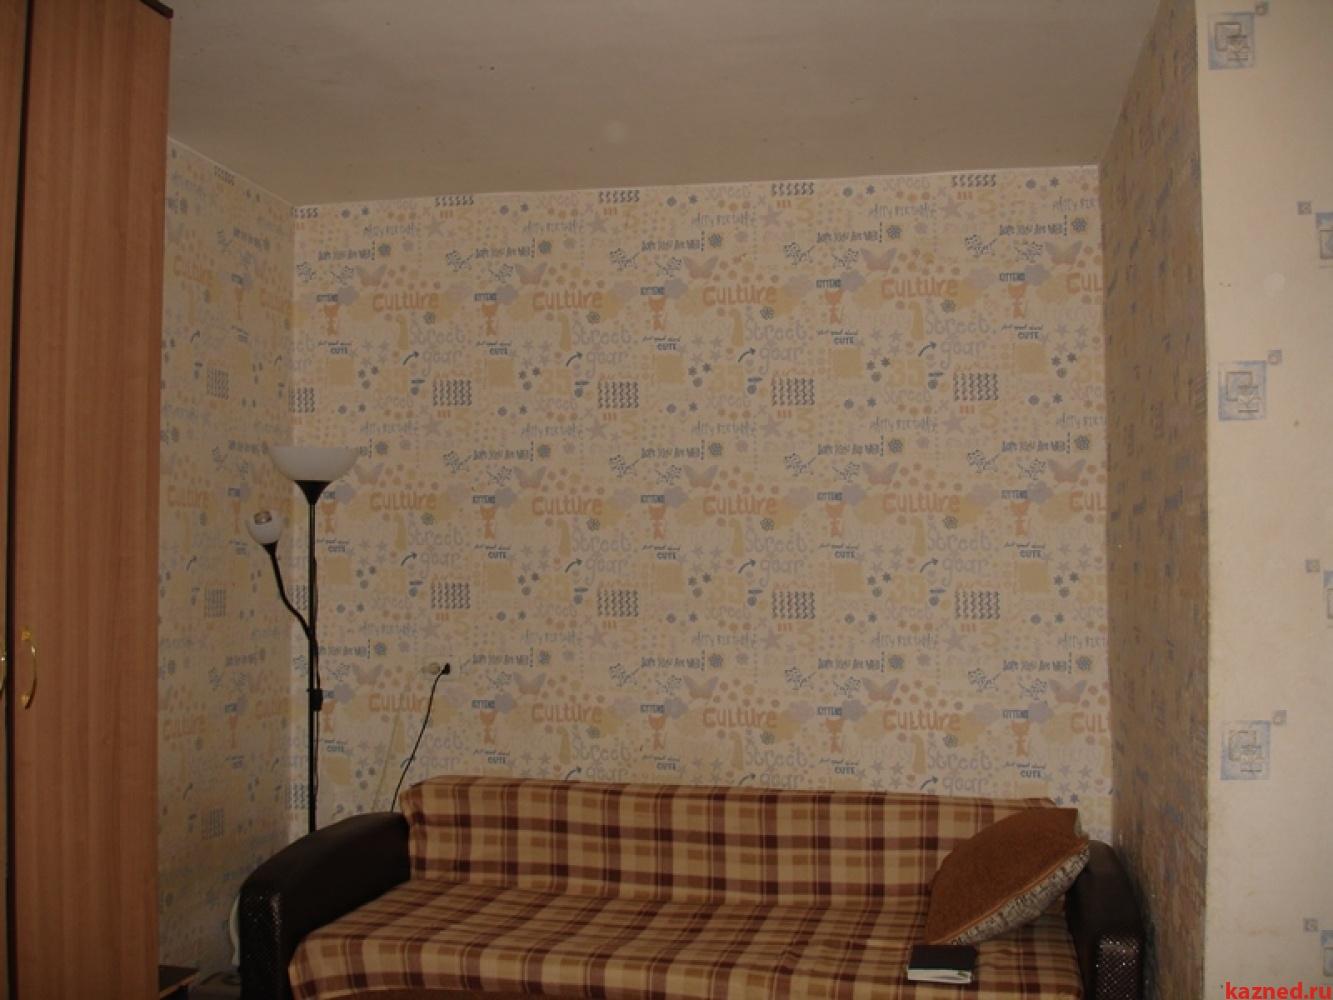 Продажа 1-к квартиры Шоссейная,24, 34 м²  (миниатюра №9)